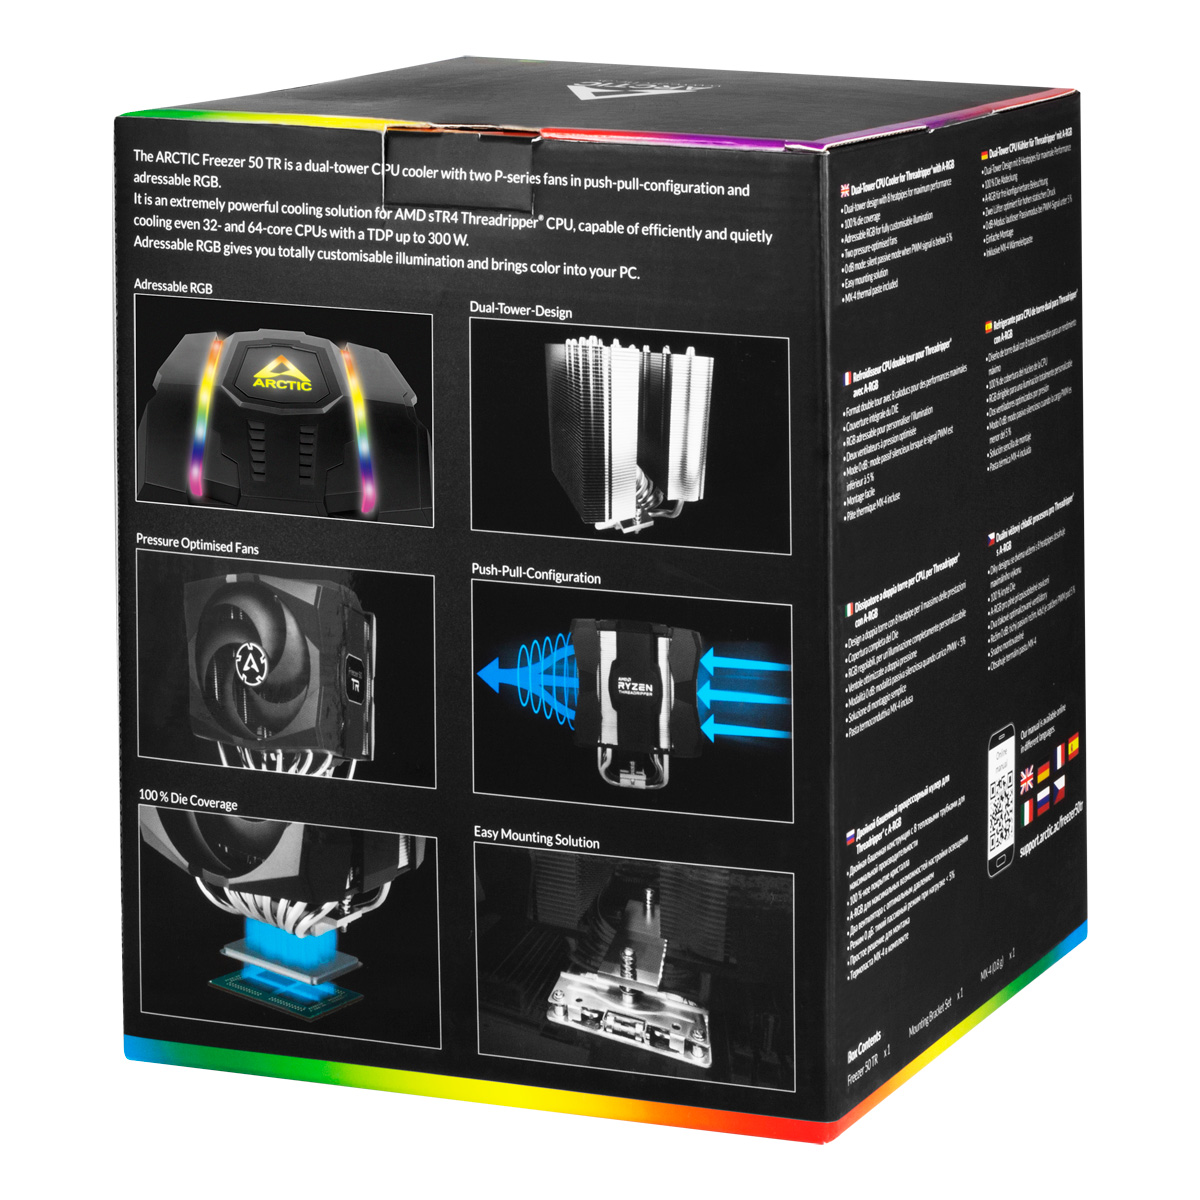 Dual Tower CPU-Kühler für AMD Ryzen™ Threadripper™ ARCTIC Freezer 50 TR Produktverpackung Rückansicht